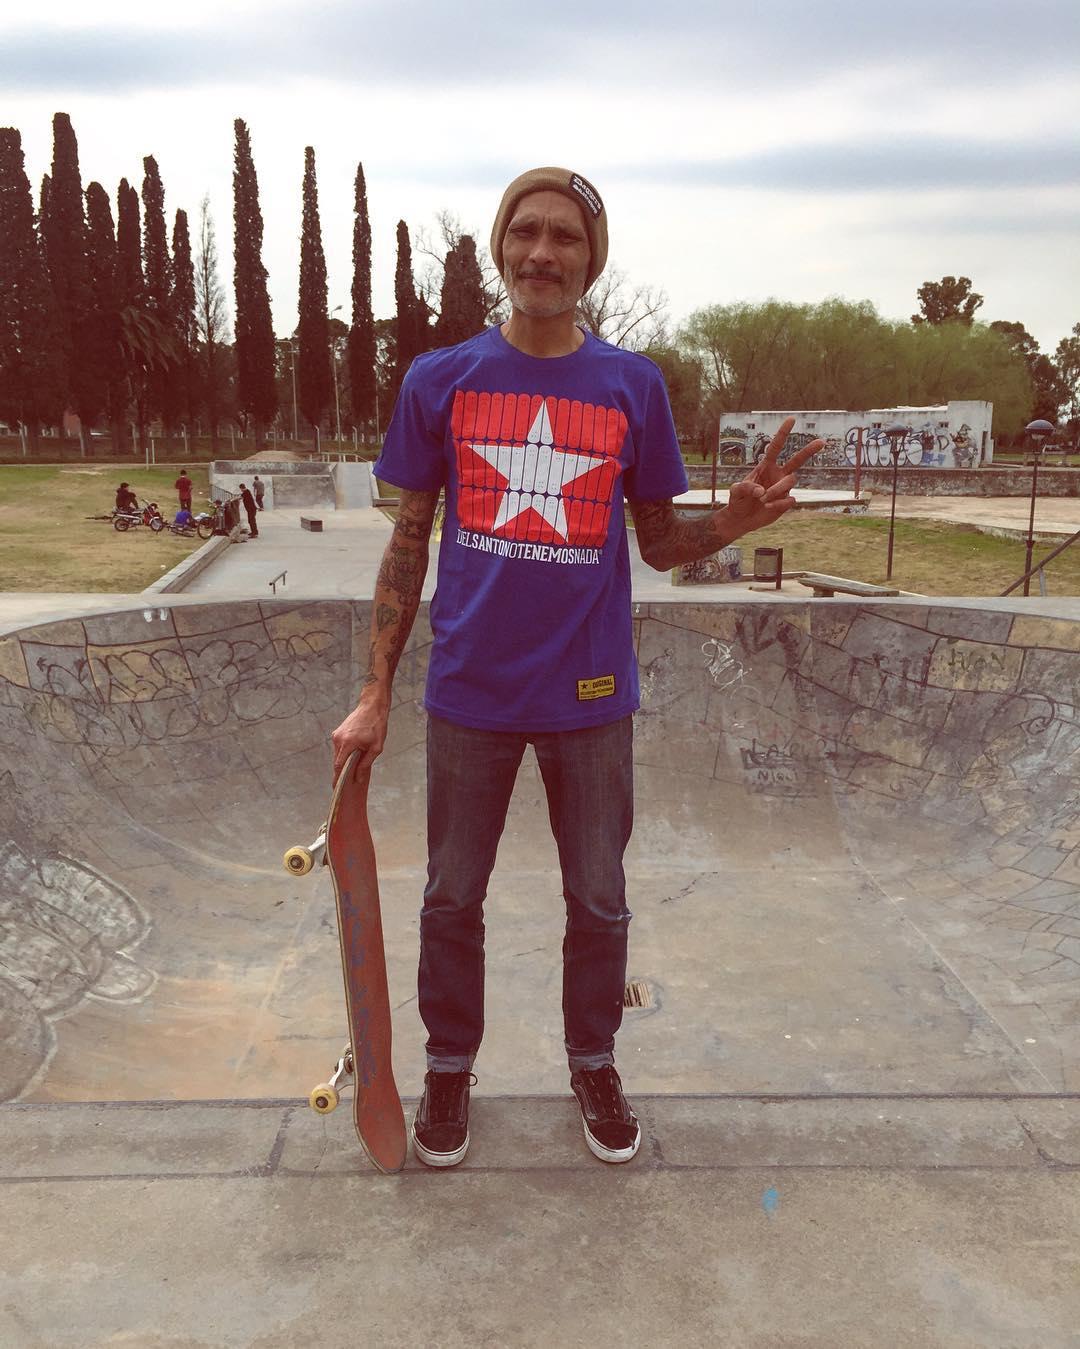 Tenemos el agrado de presentarles a un nuevo amigo !! El es @murooh  de la cuidad de #pergamino  Y es una leyenda en el skate lo conoces ??